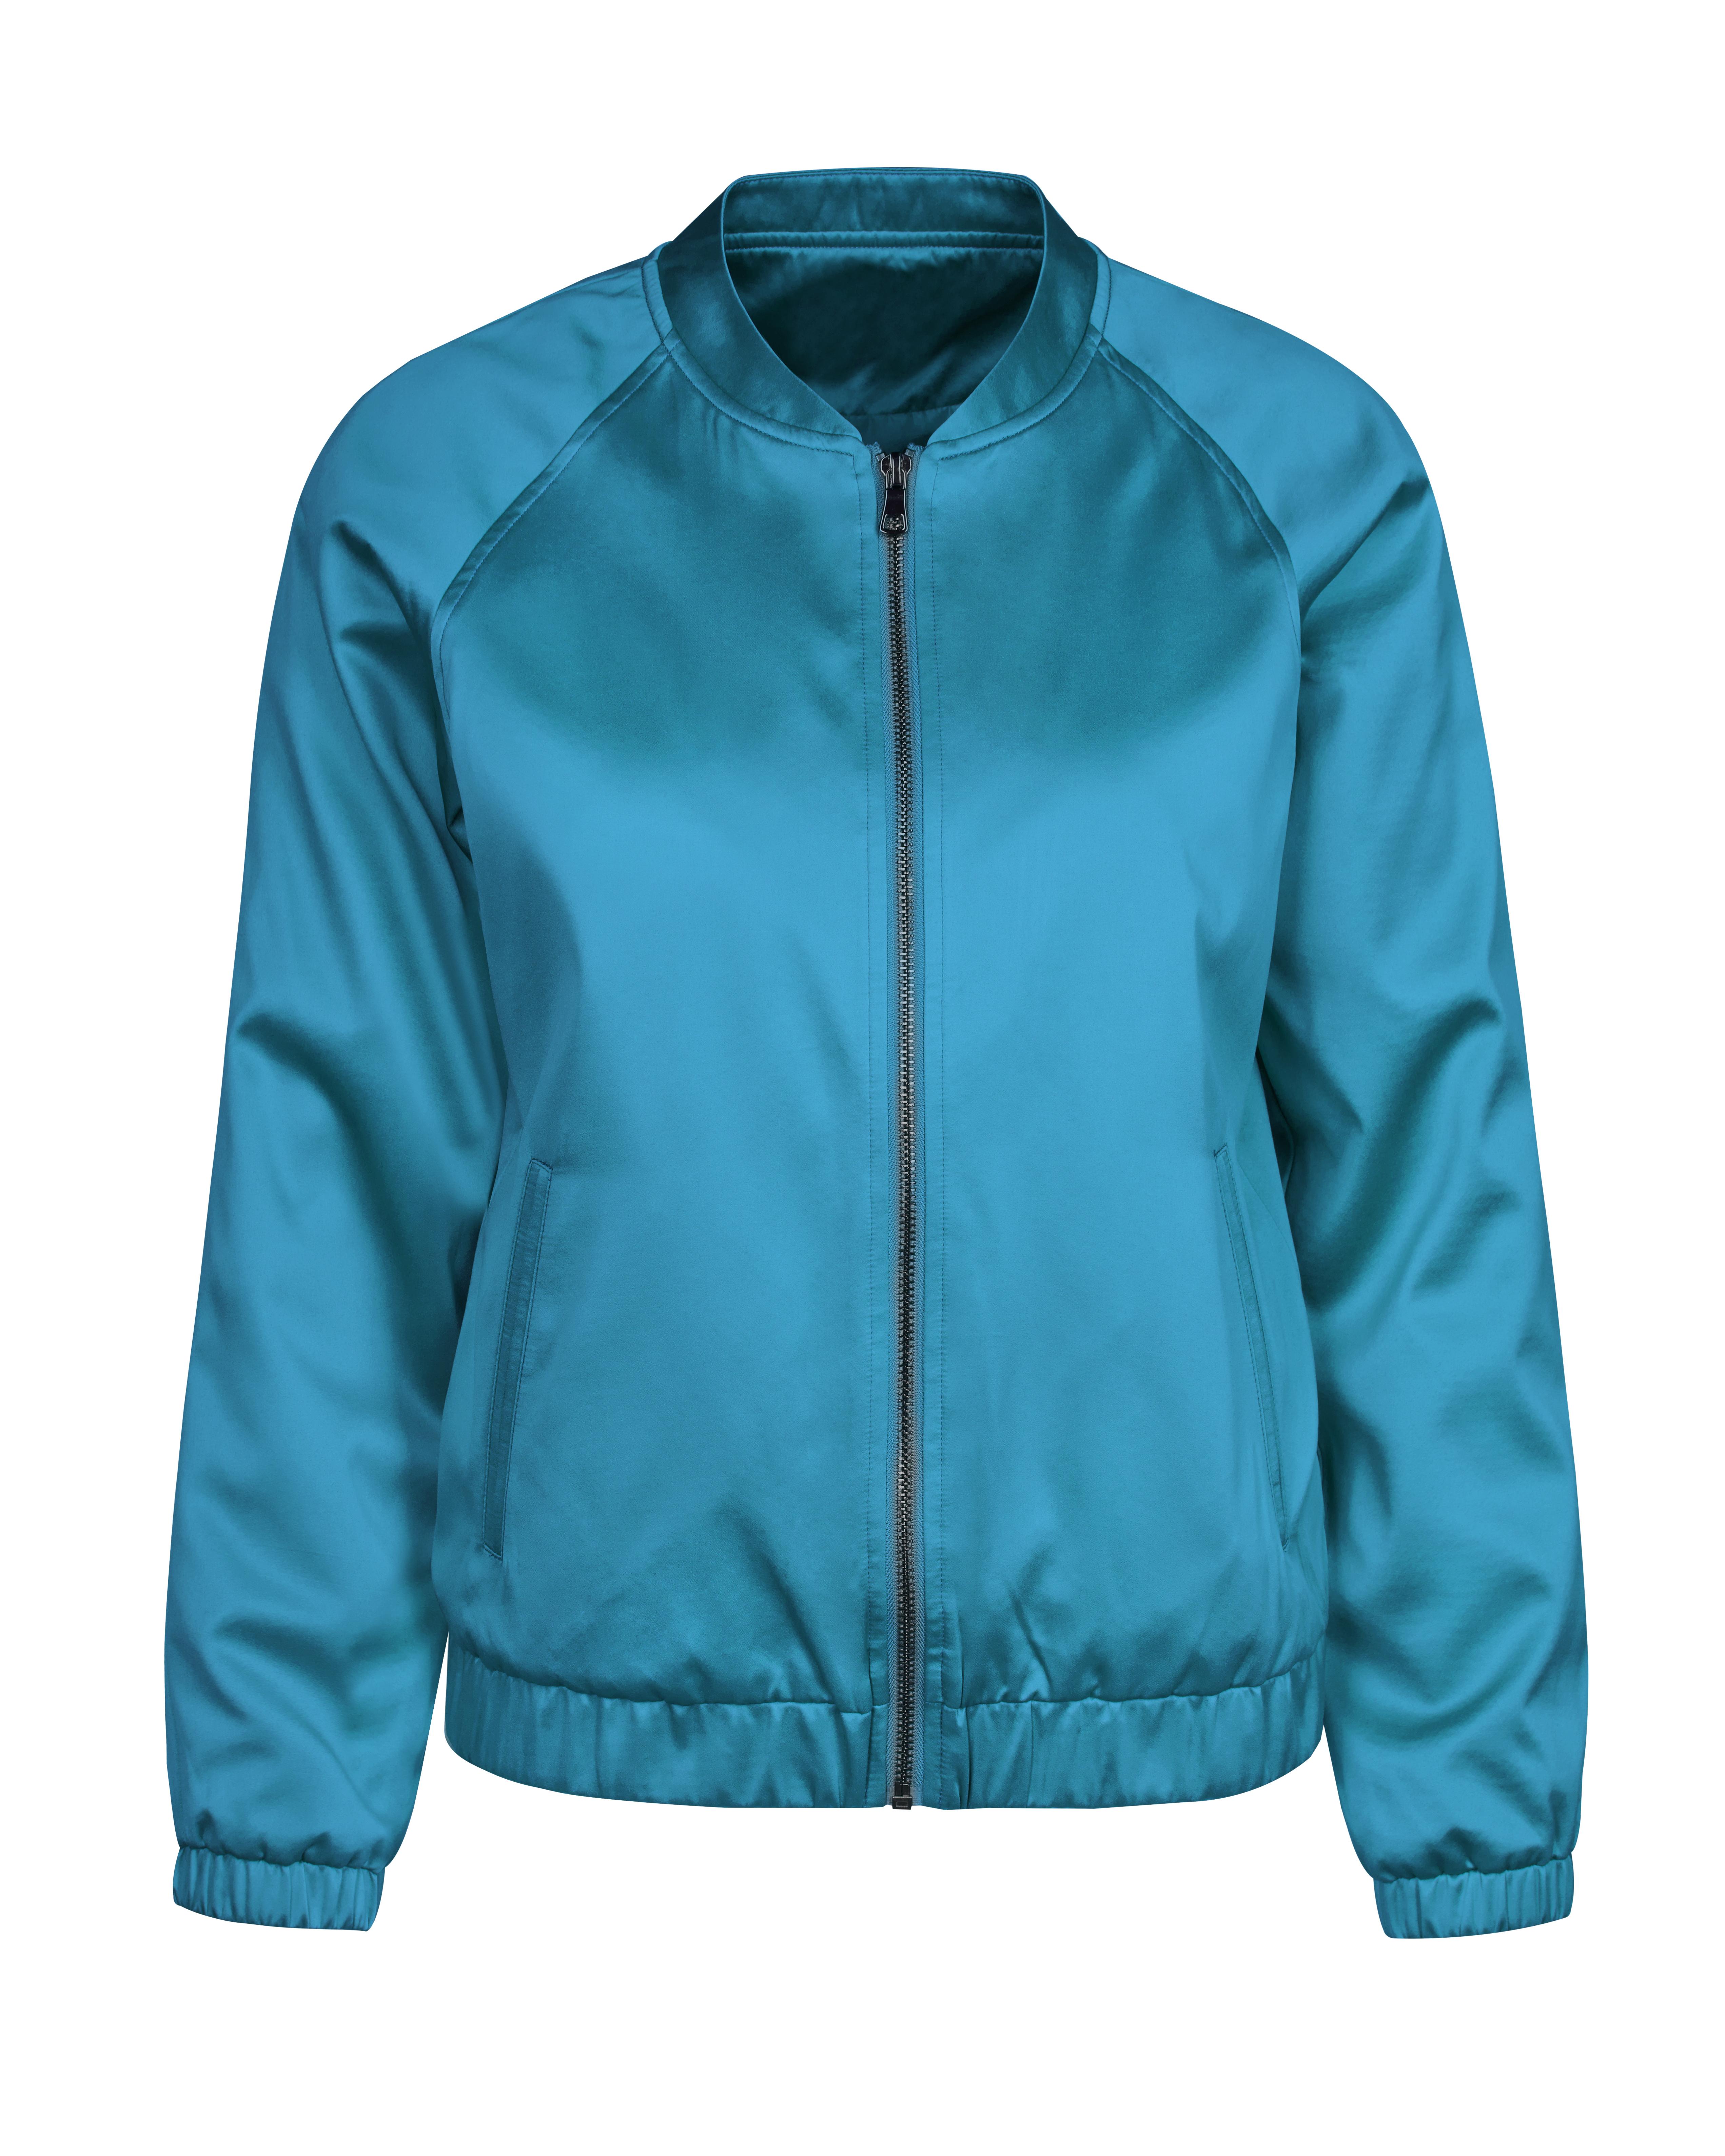 Custom made jackets (51)